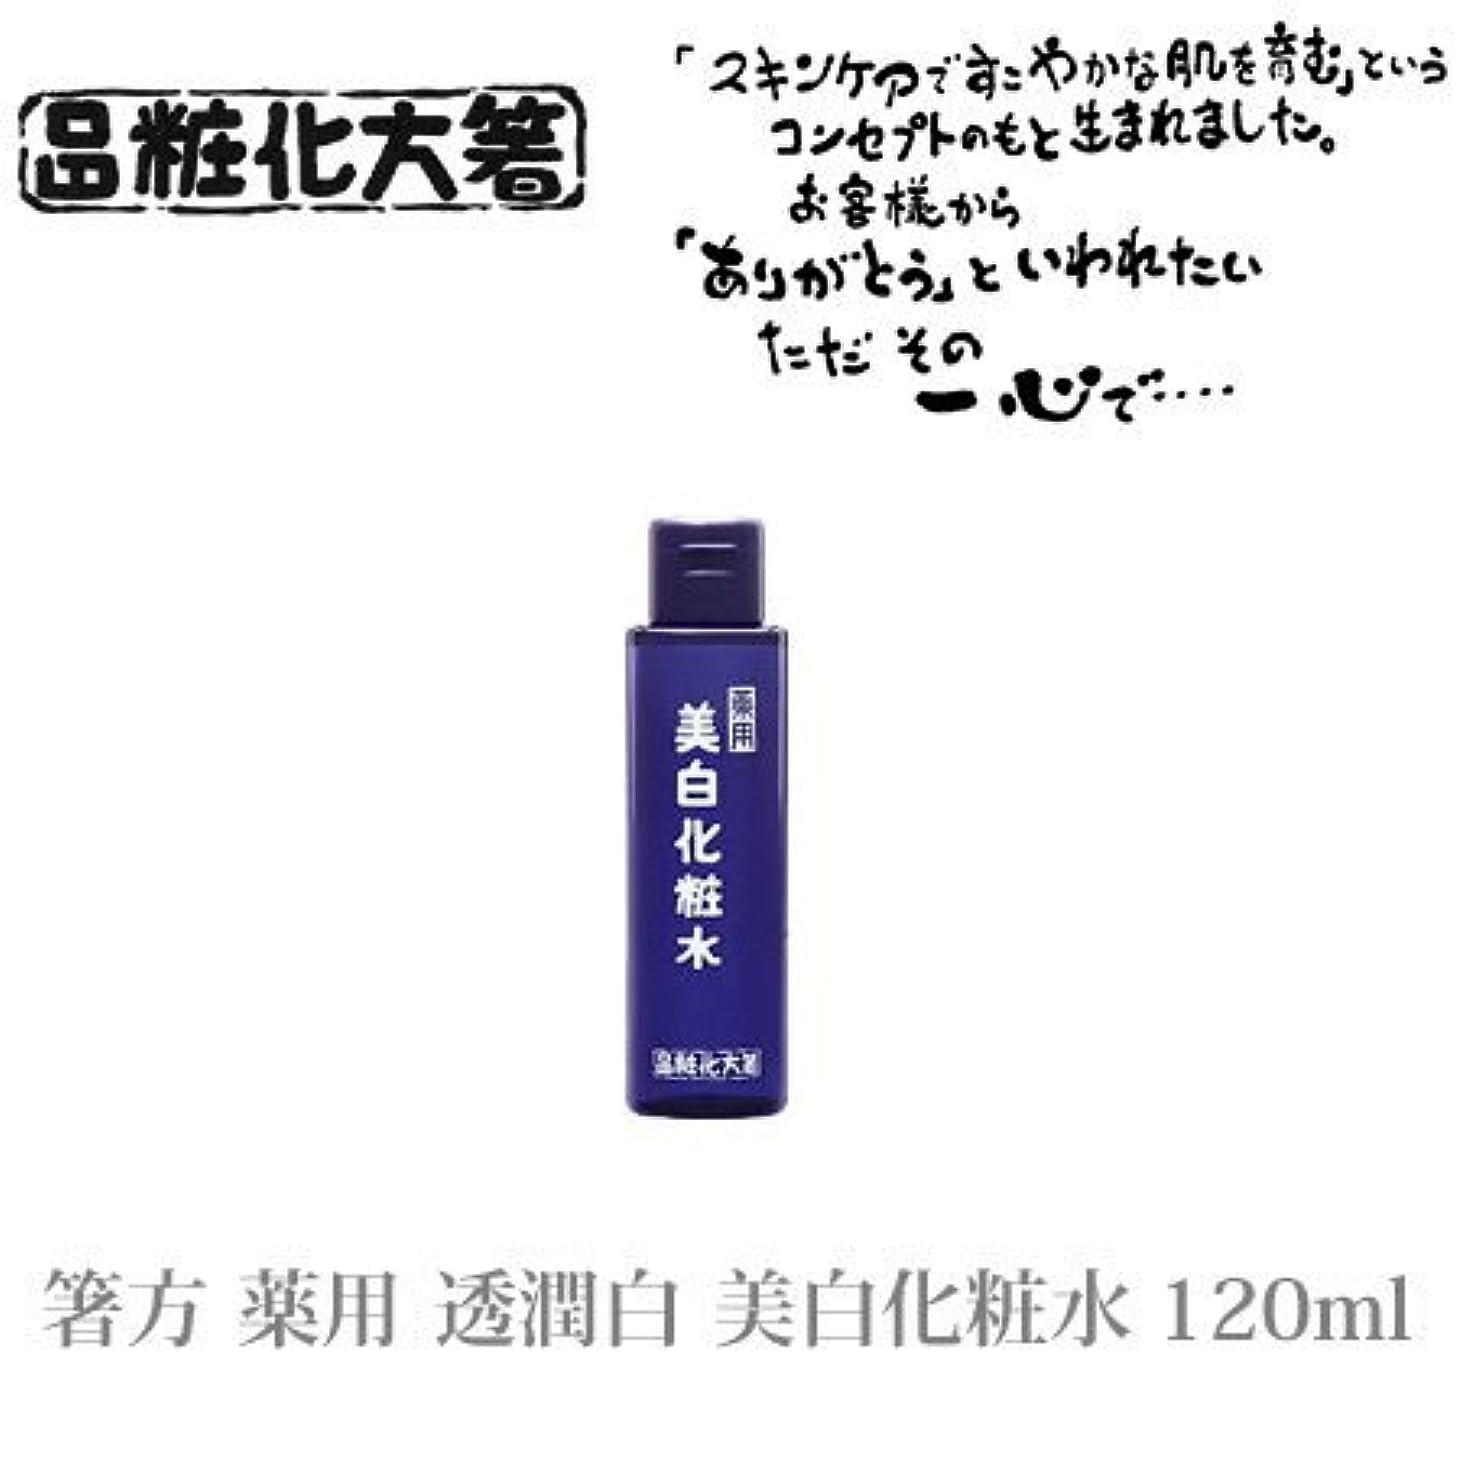 ポンペイセクタ猟犬箸方化粧品 薬用 透潤白 美白化粧水 120ml はしかた化粧品